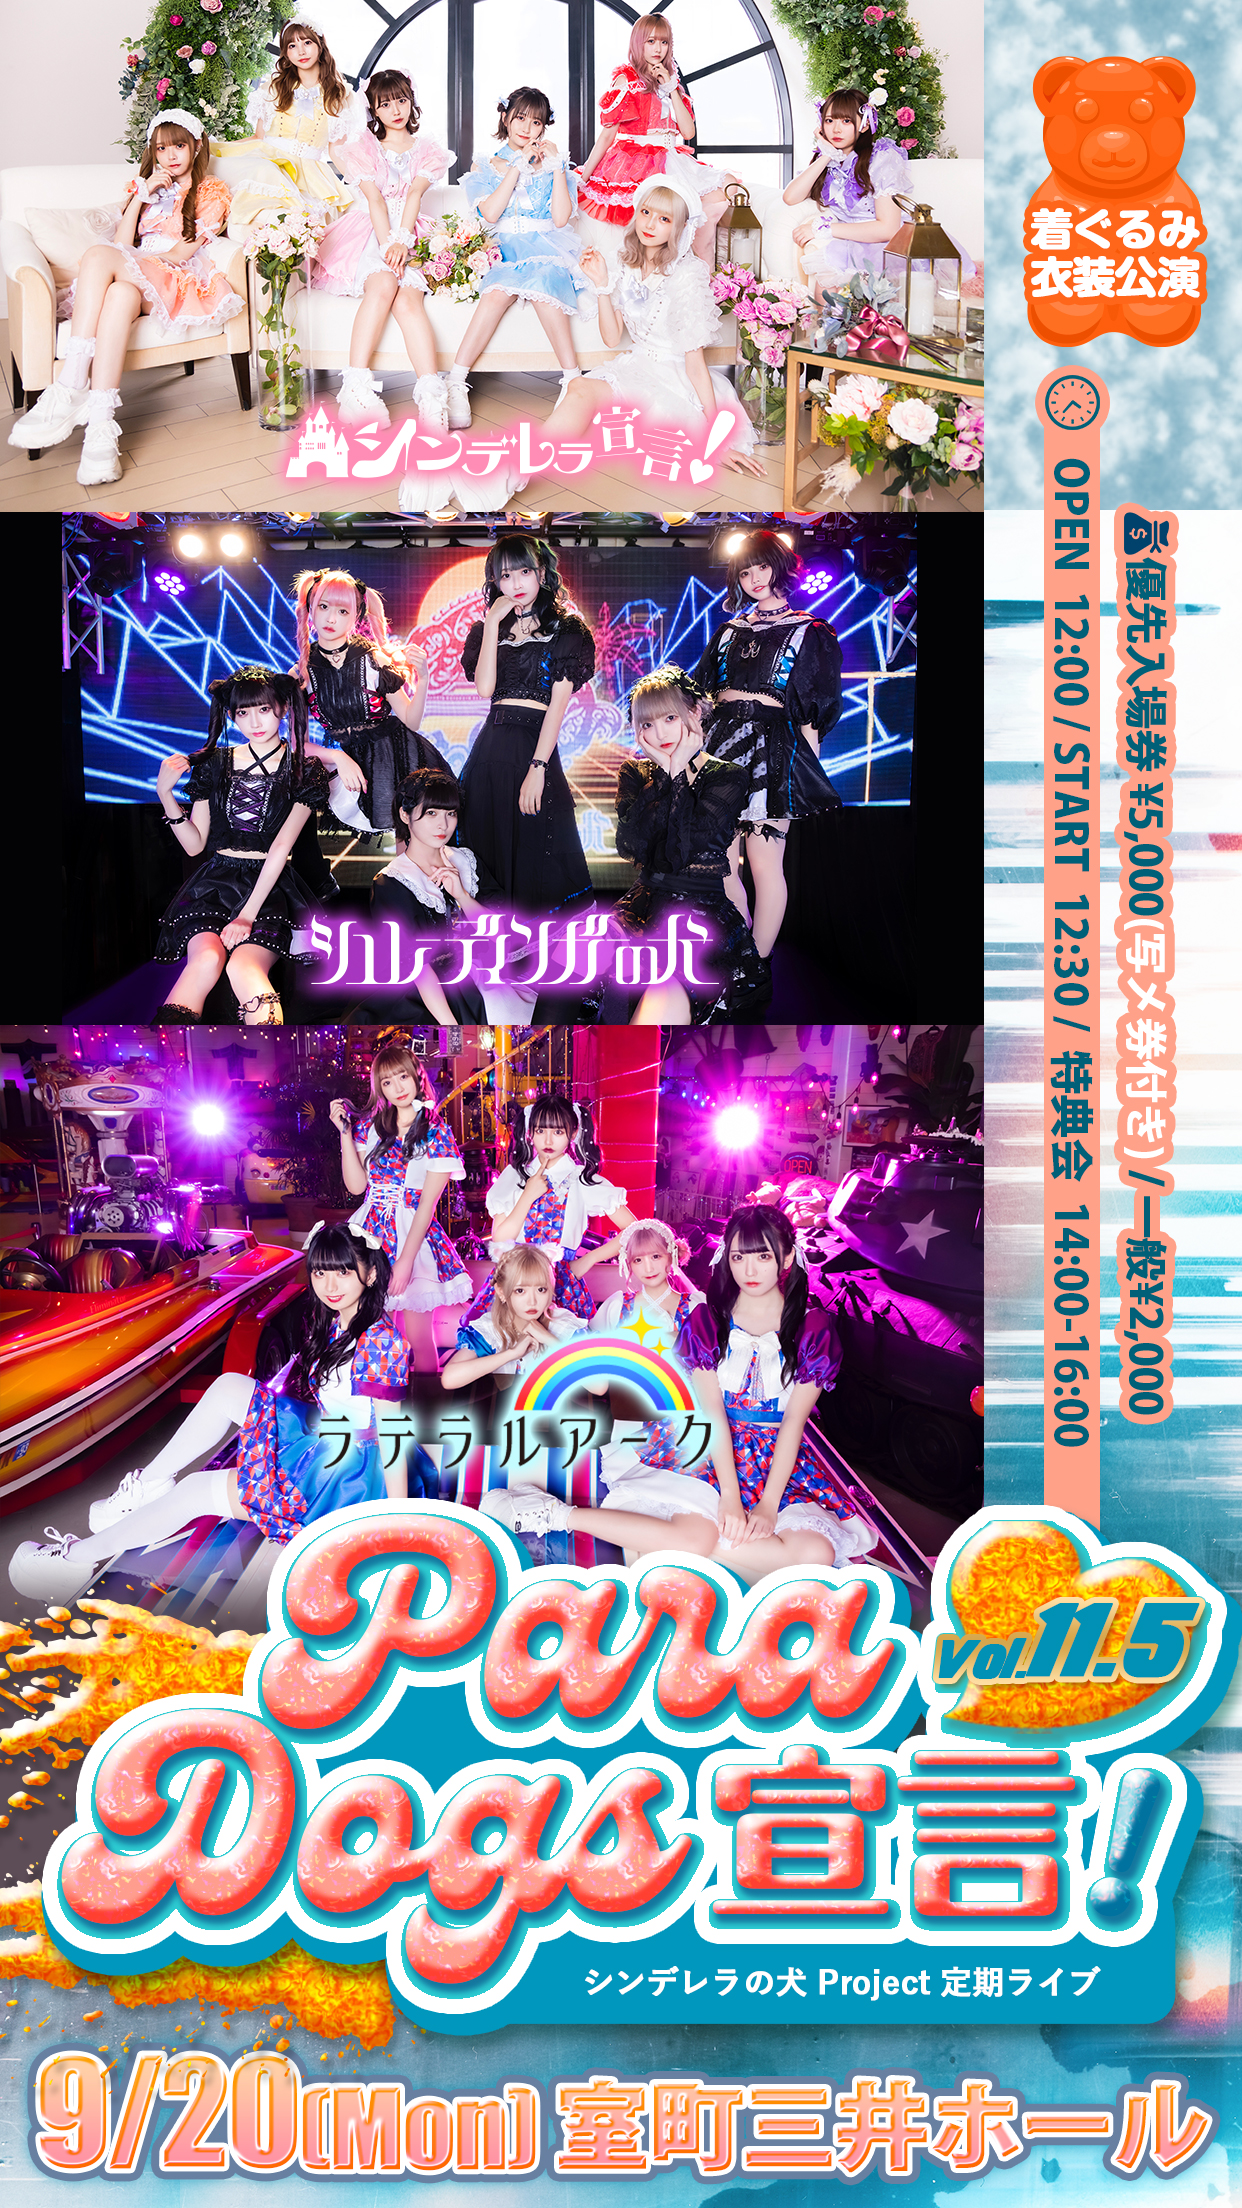 シンデレラの犬 Project 定期ライブ『ParaDogs宣言!』Vol.11.5